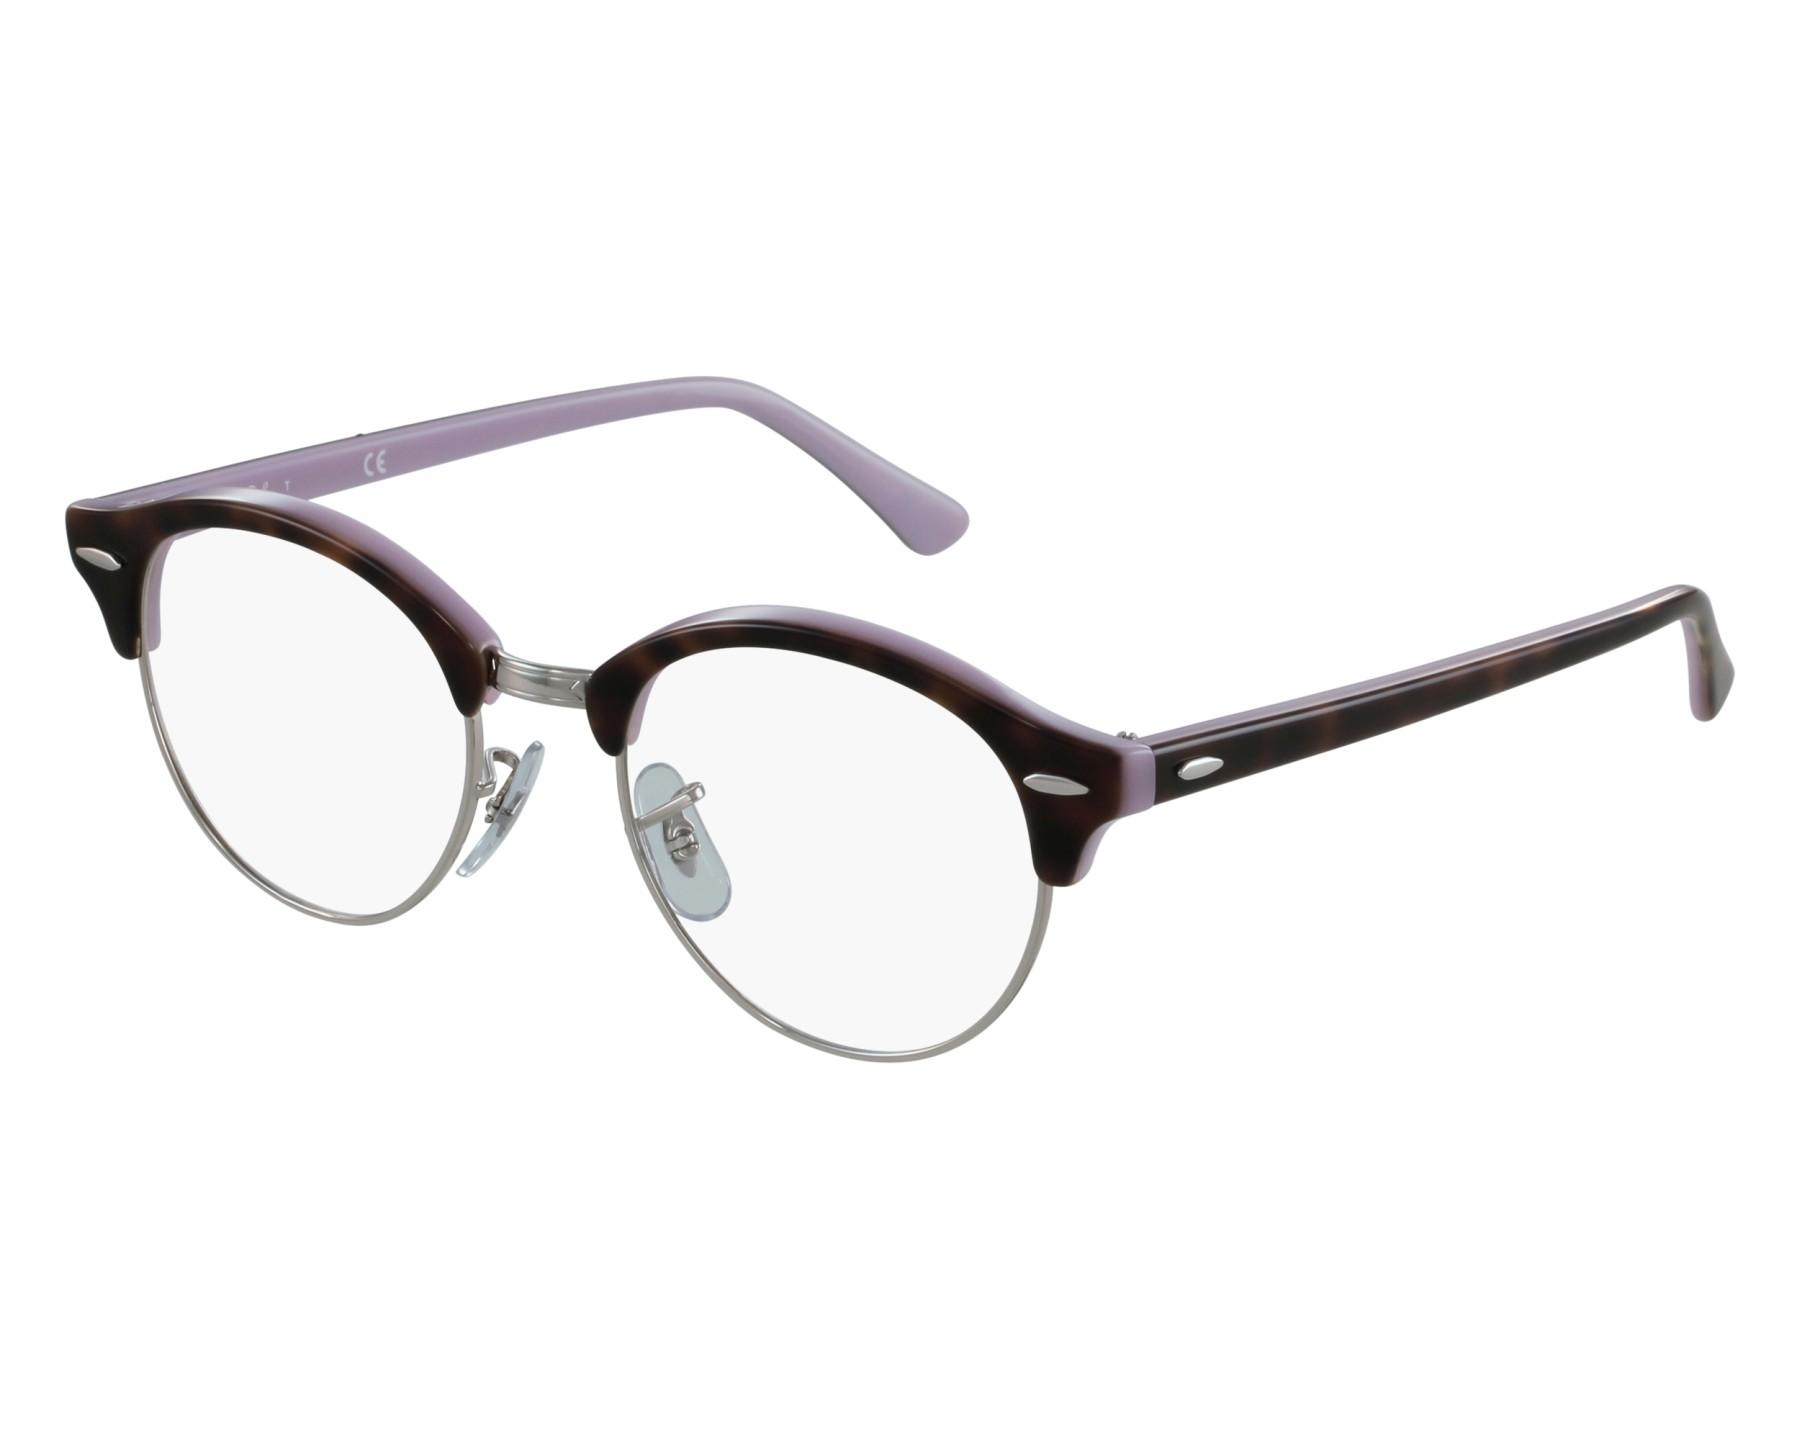 ray ban eyeglasses rx 4246 5240 havana visionet. Black Bedroom Furniture Sets. Home Design Ideas